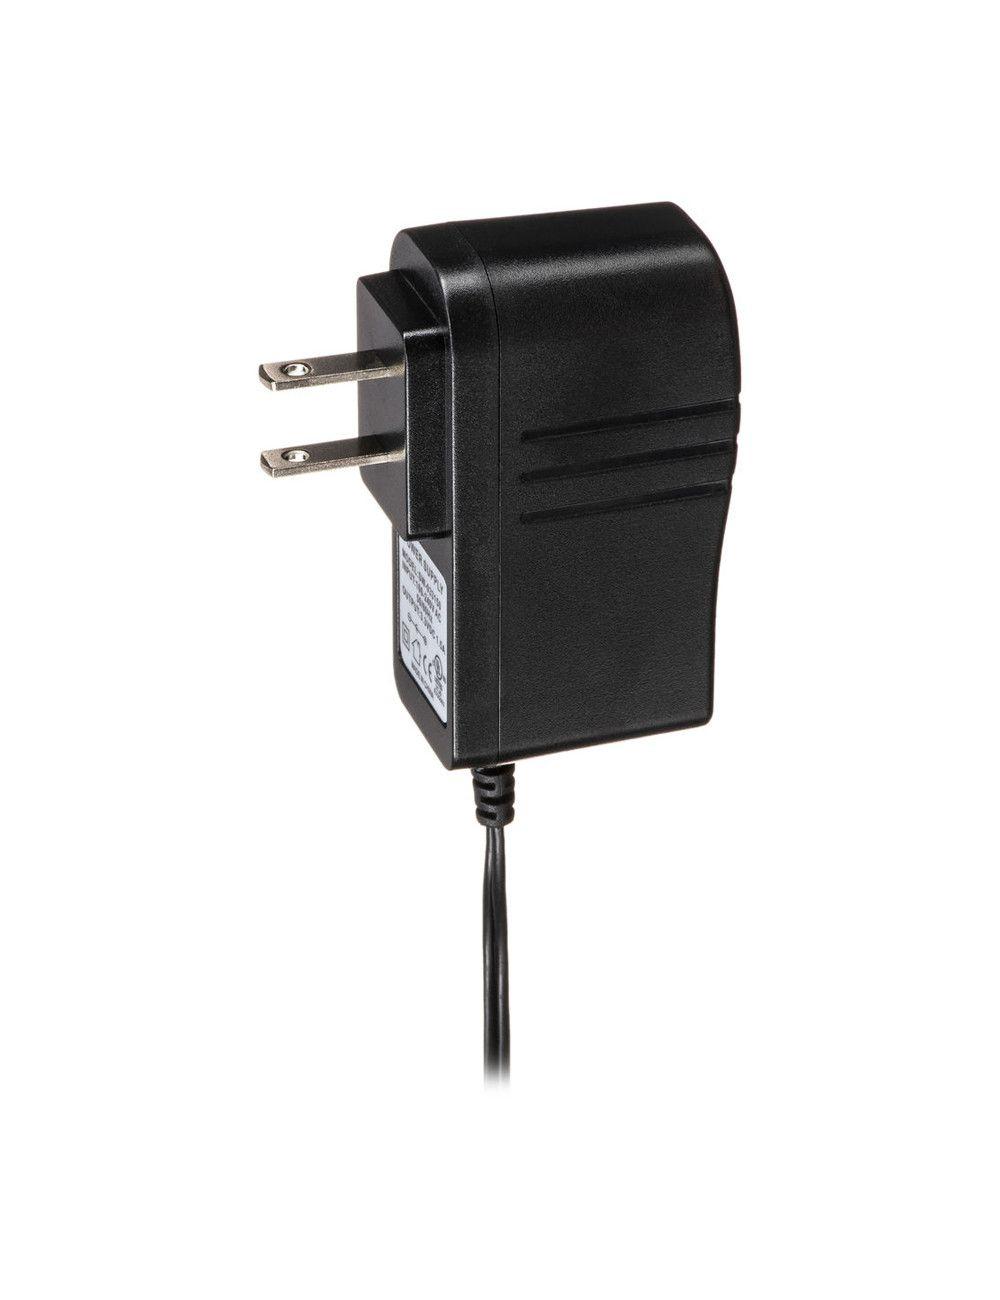 Base con Galleta Desmontable P200 (compatible también con galleta Manfrotto 501PL)